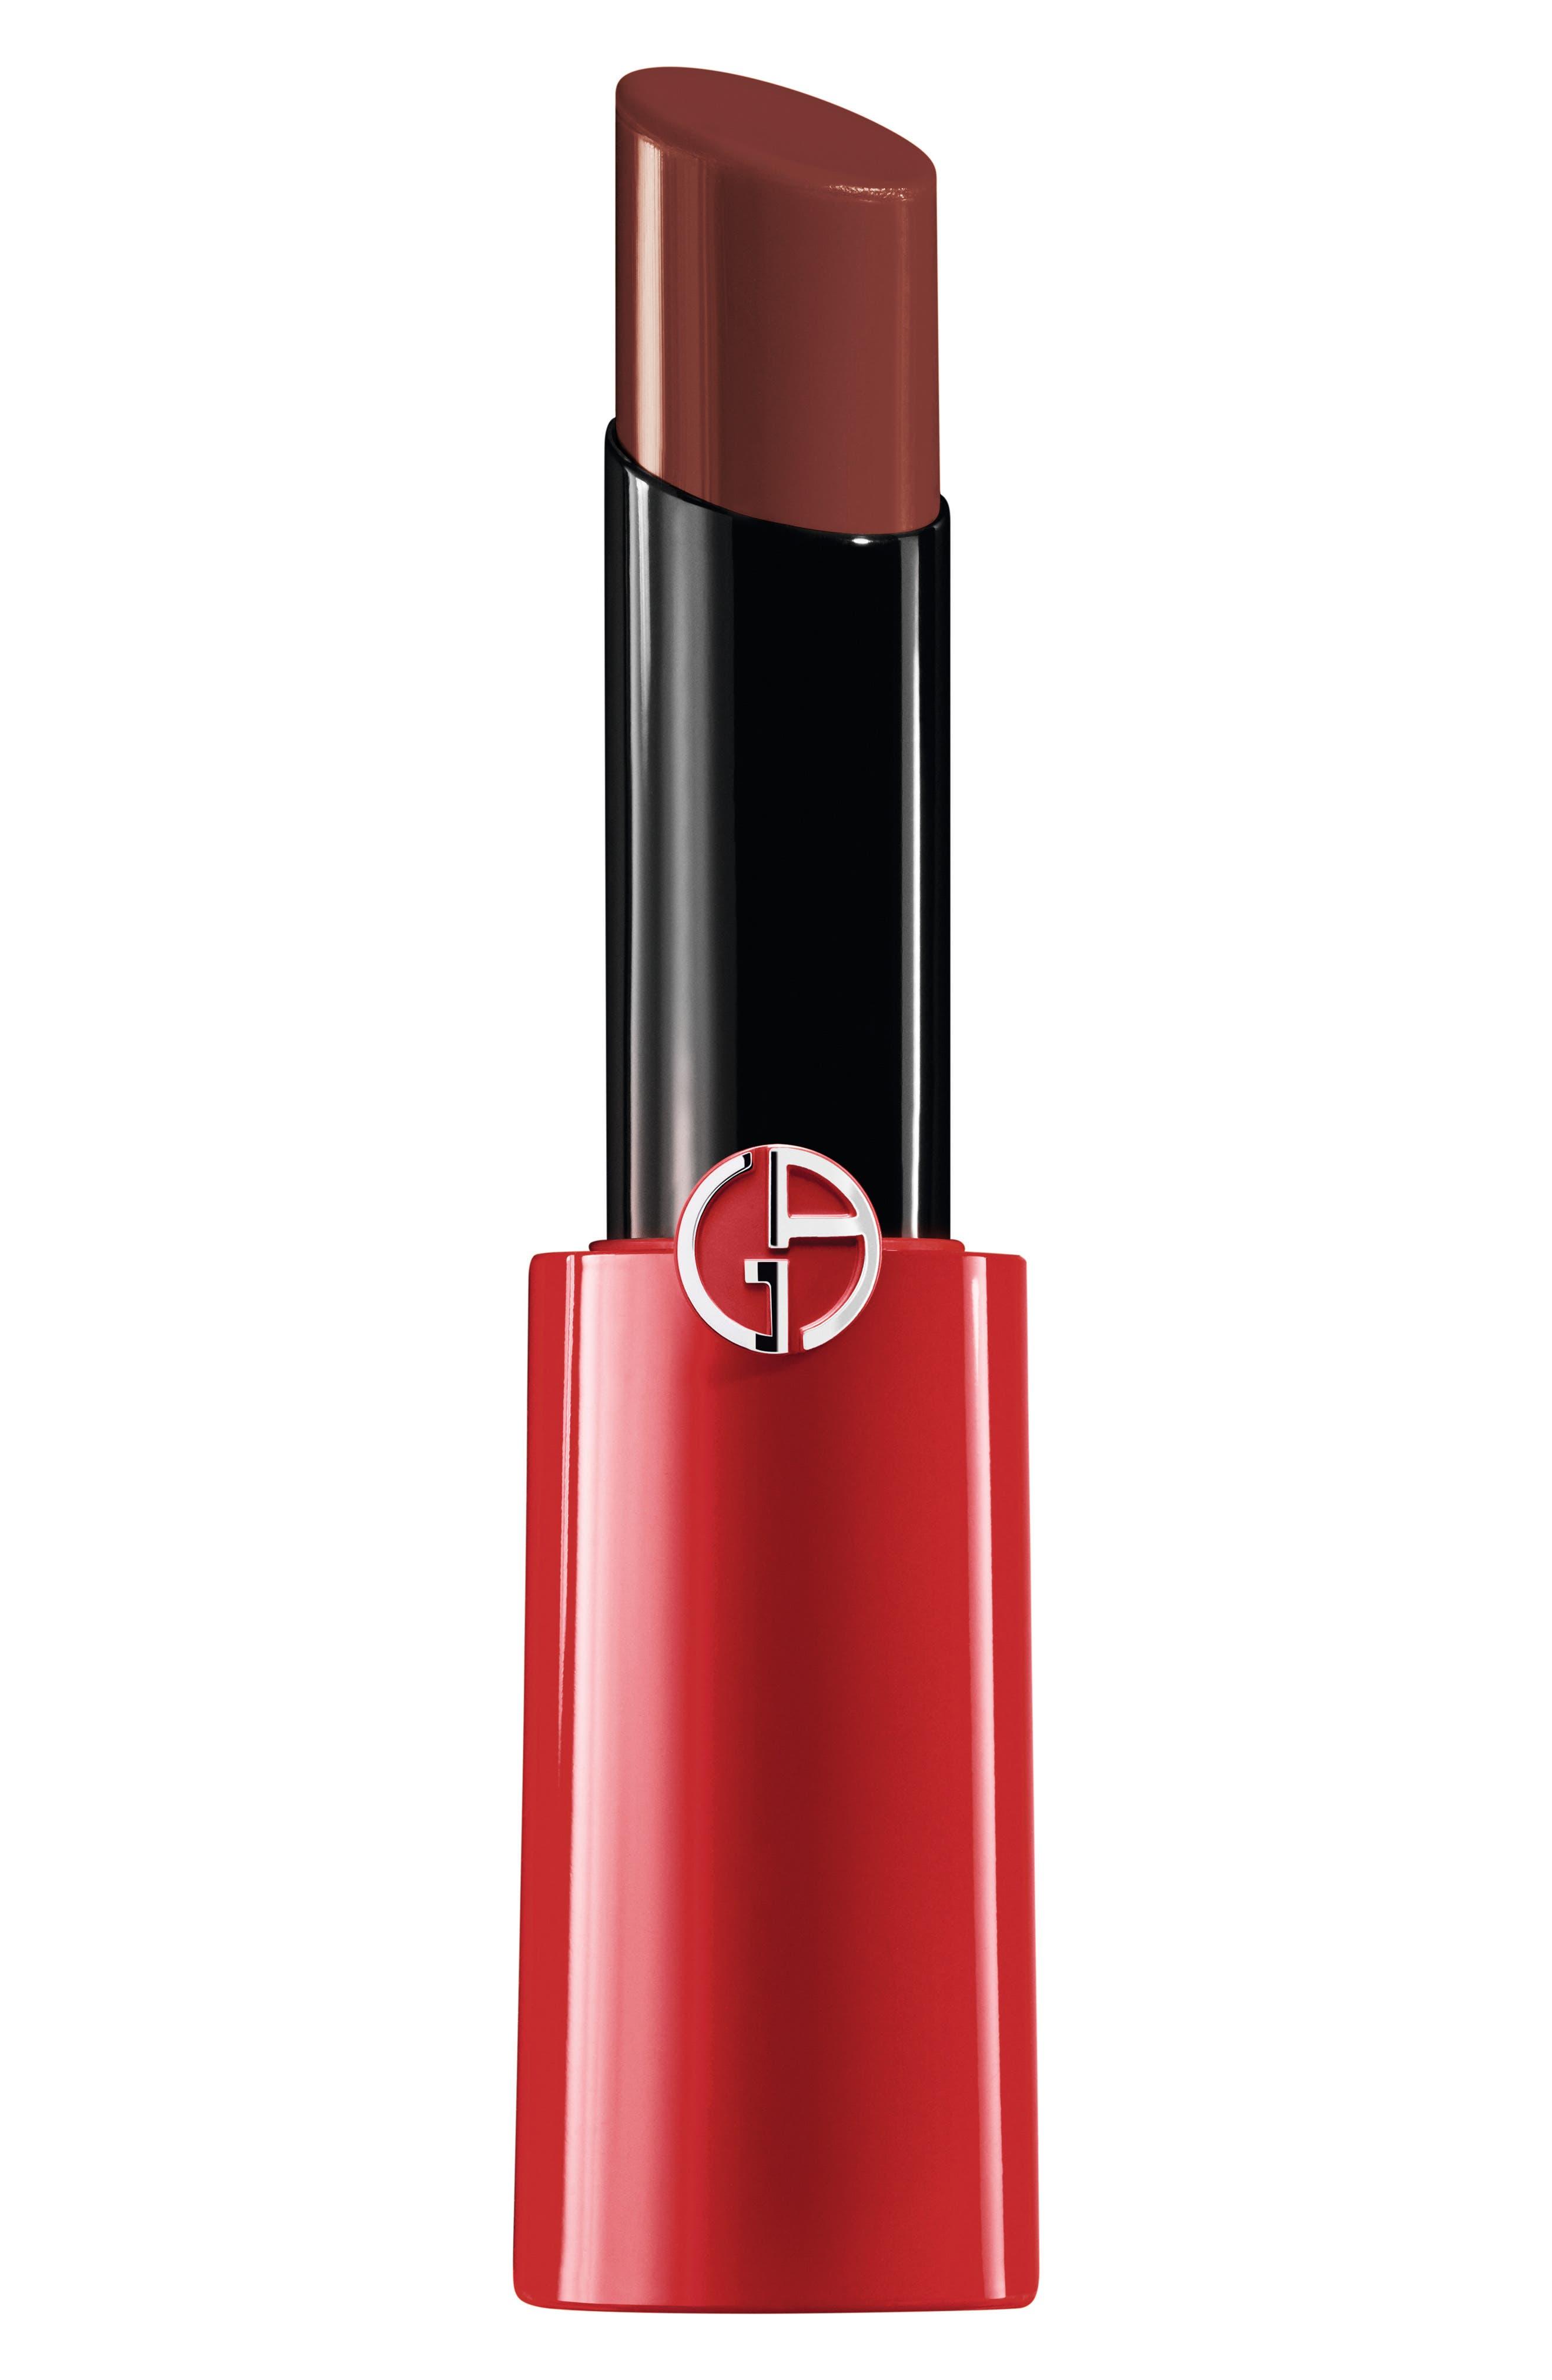 Ecstasy Shine Lipstick,                             Main thumbnail 1, color,                             200 SILENZIO